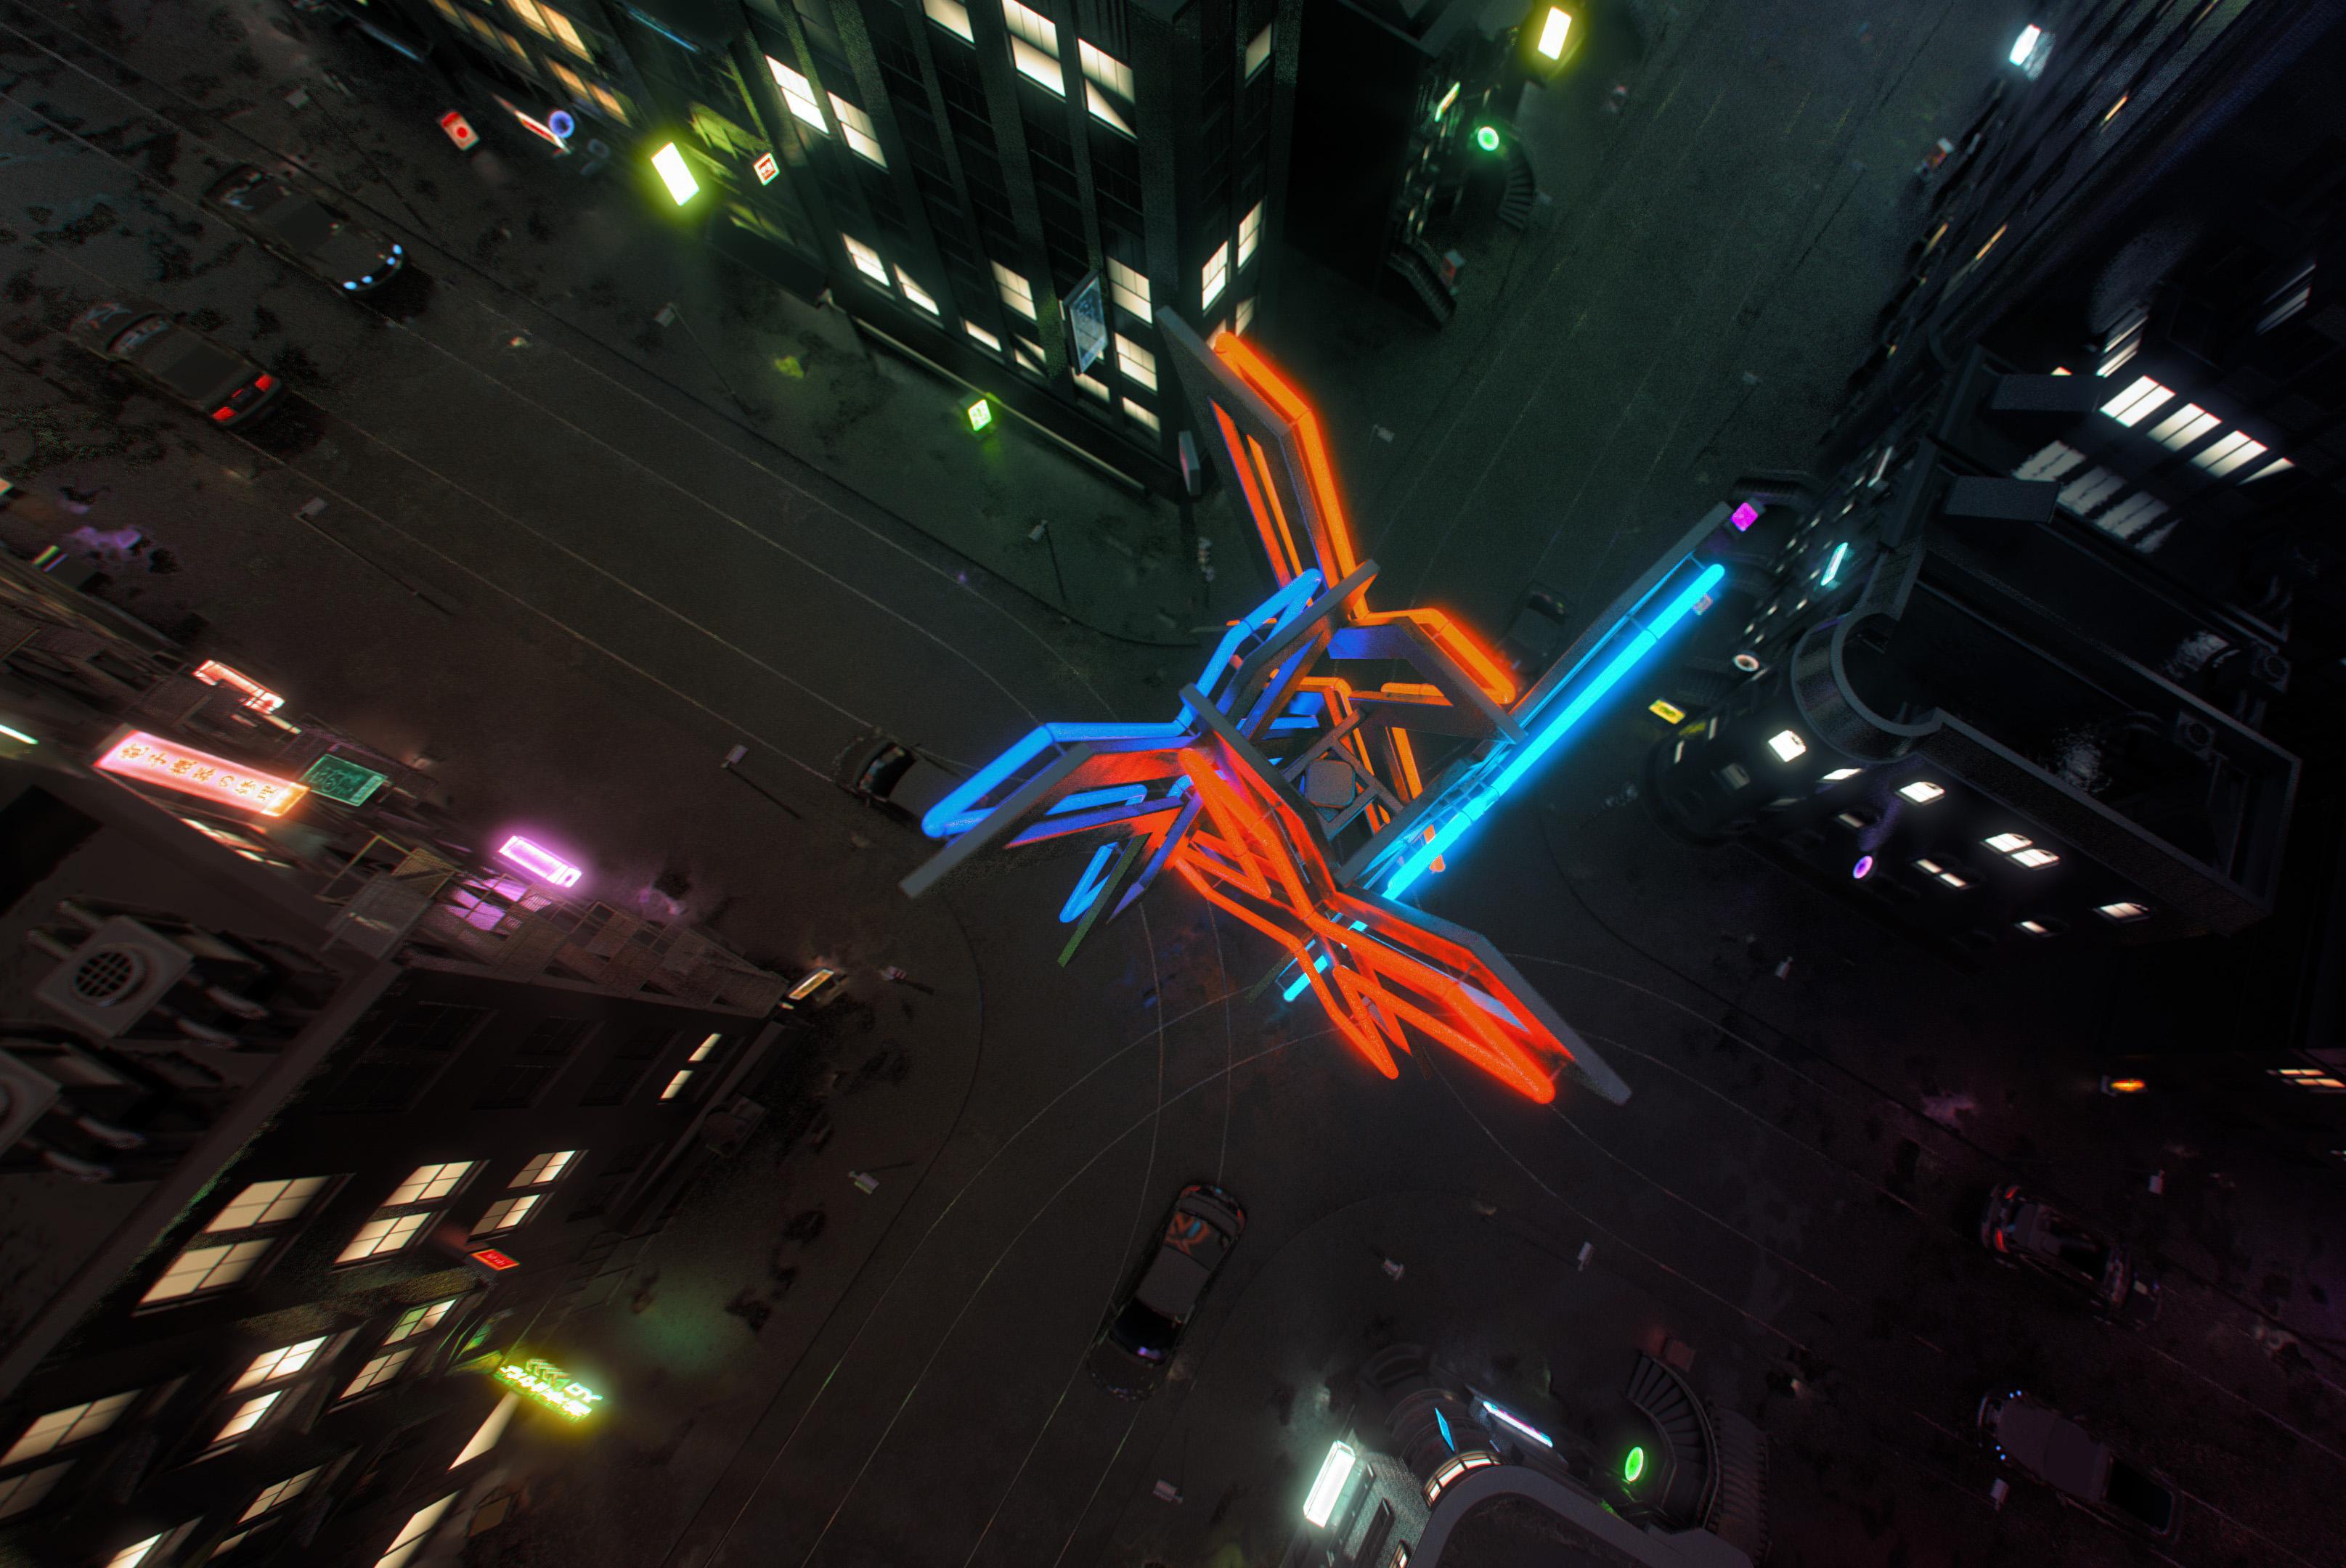 X_Neon_FlyThrough_CLR_00198_3840.jpg